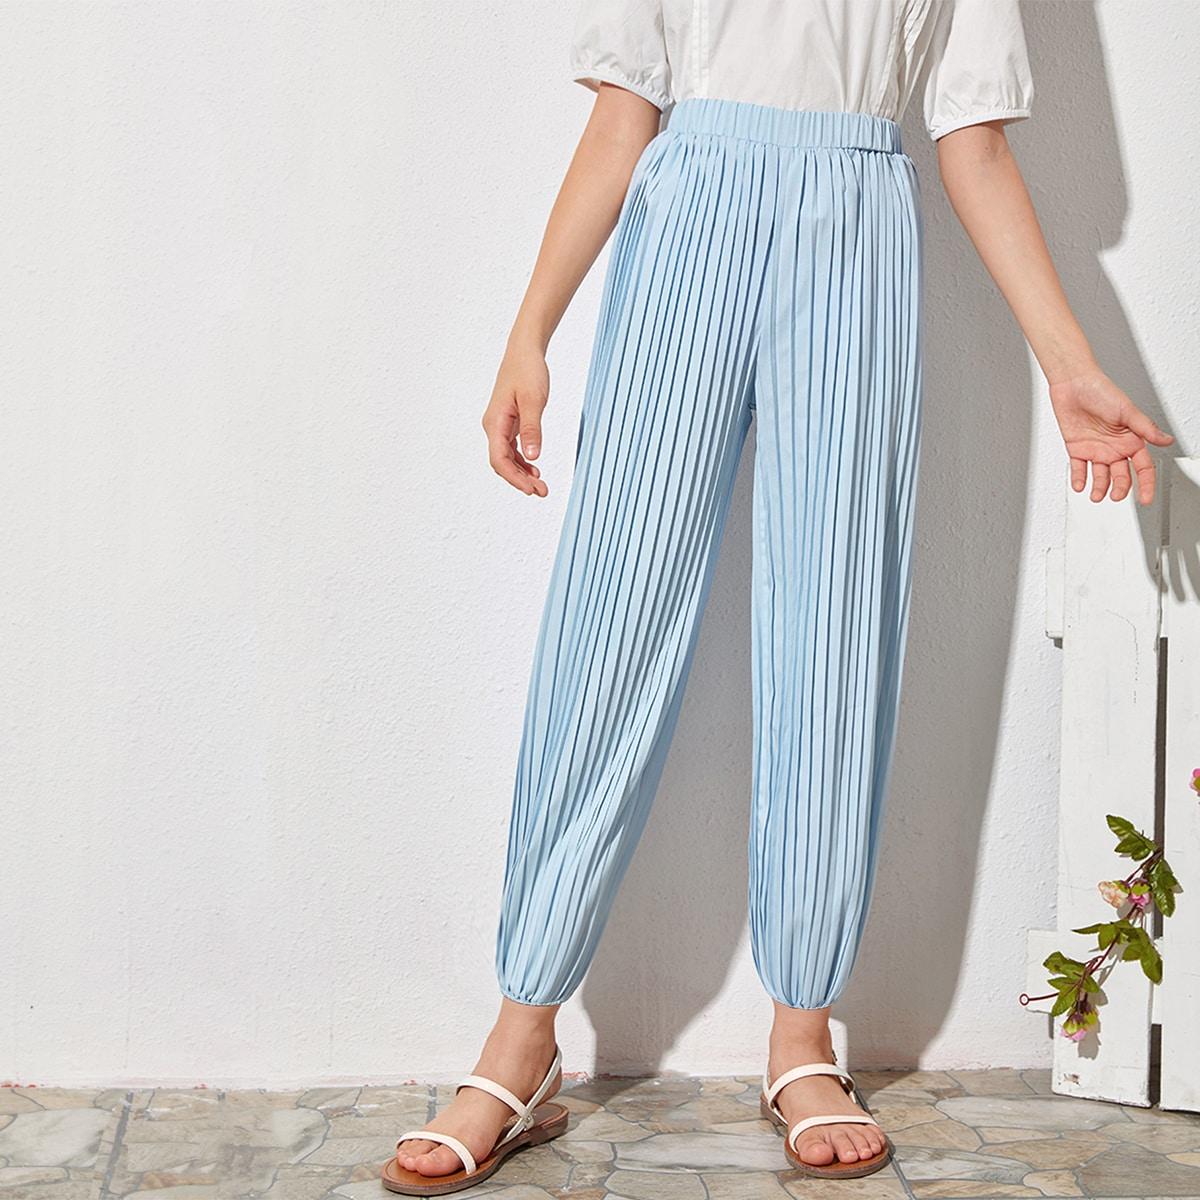 Плиссированные брюки с эластичной талией для девочек